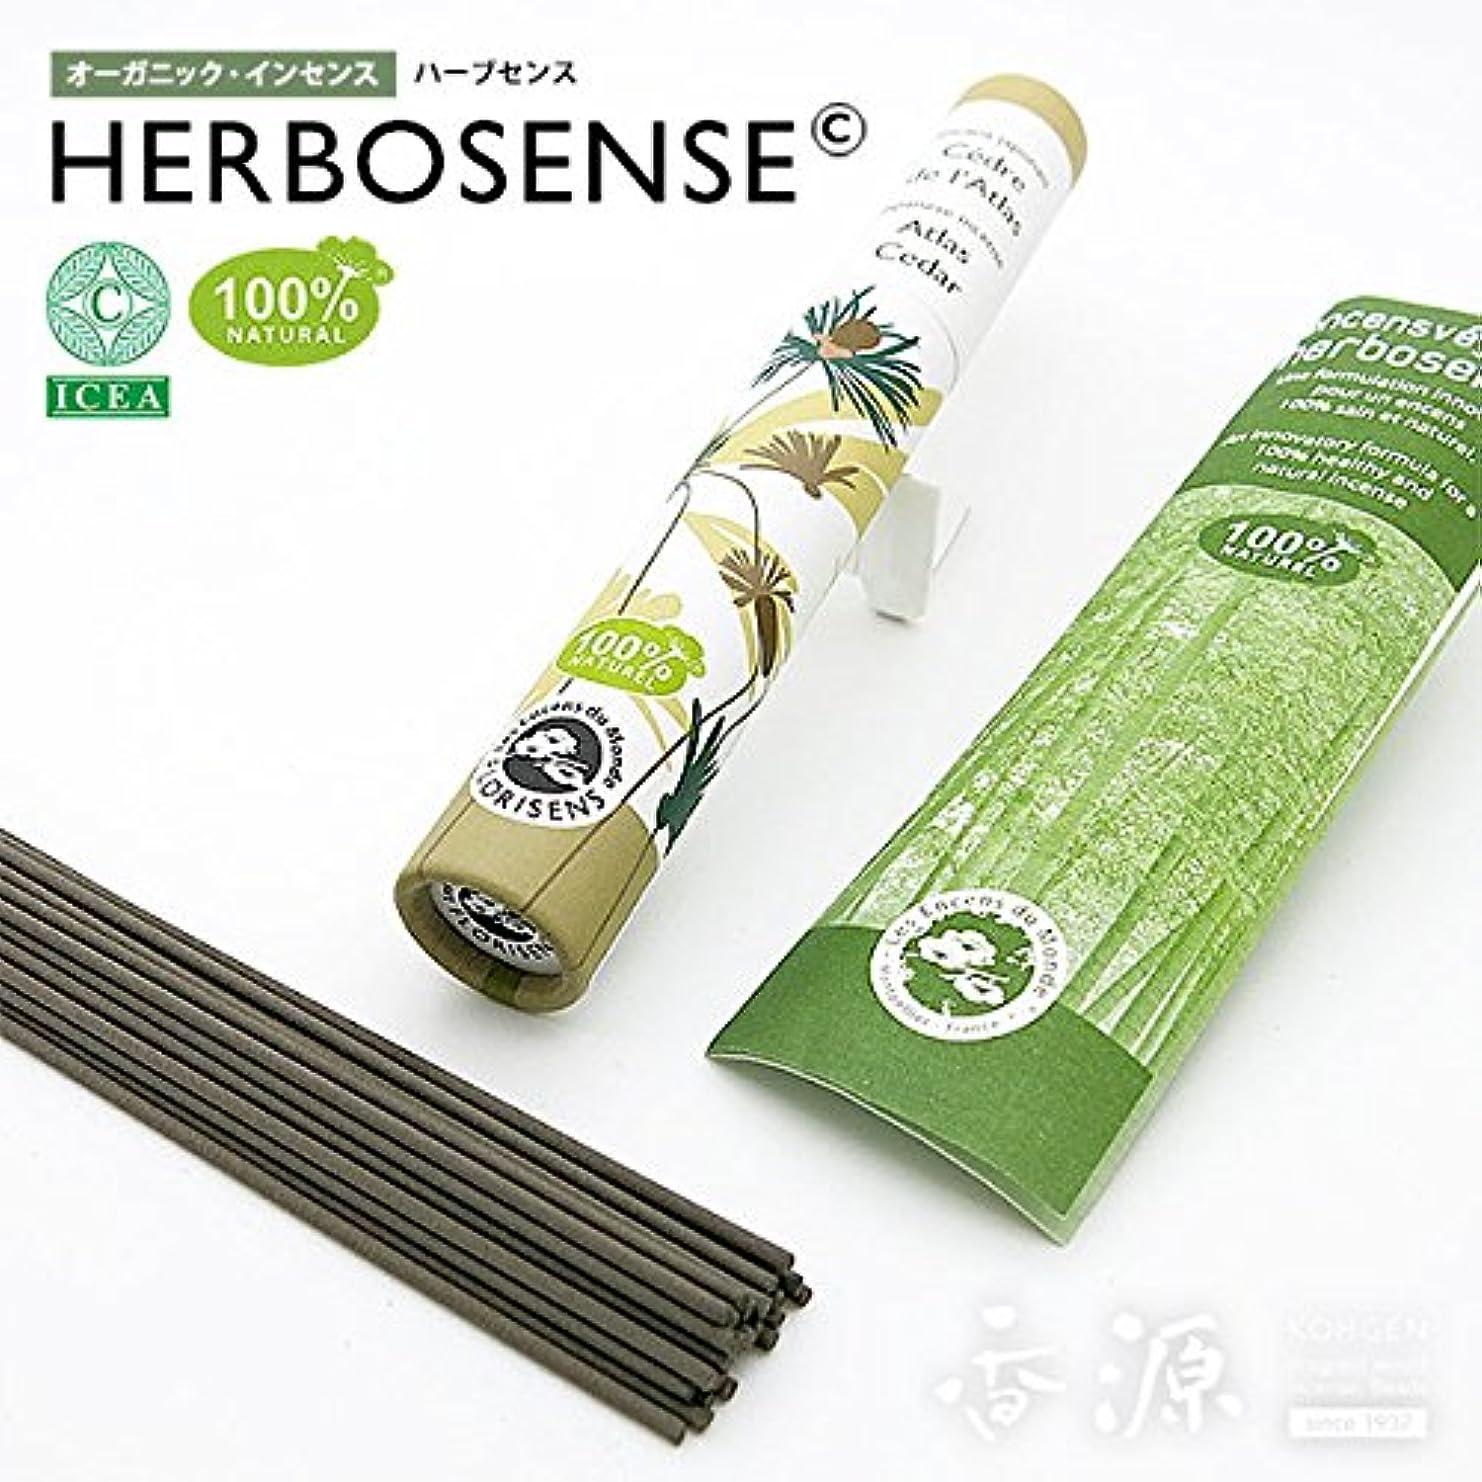 丁寧シンプルなフレア薫寿堂のお香 ハーブセンス アトラスセダー